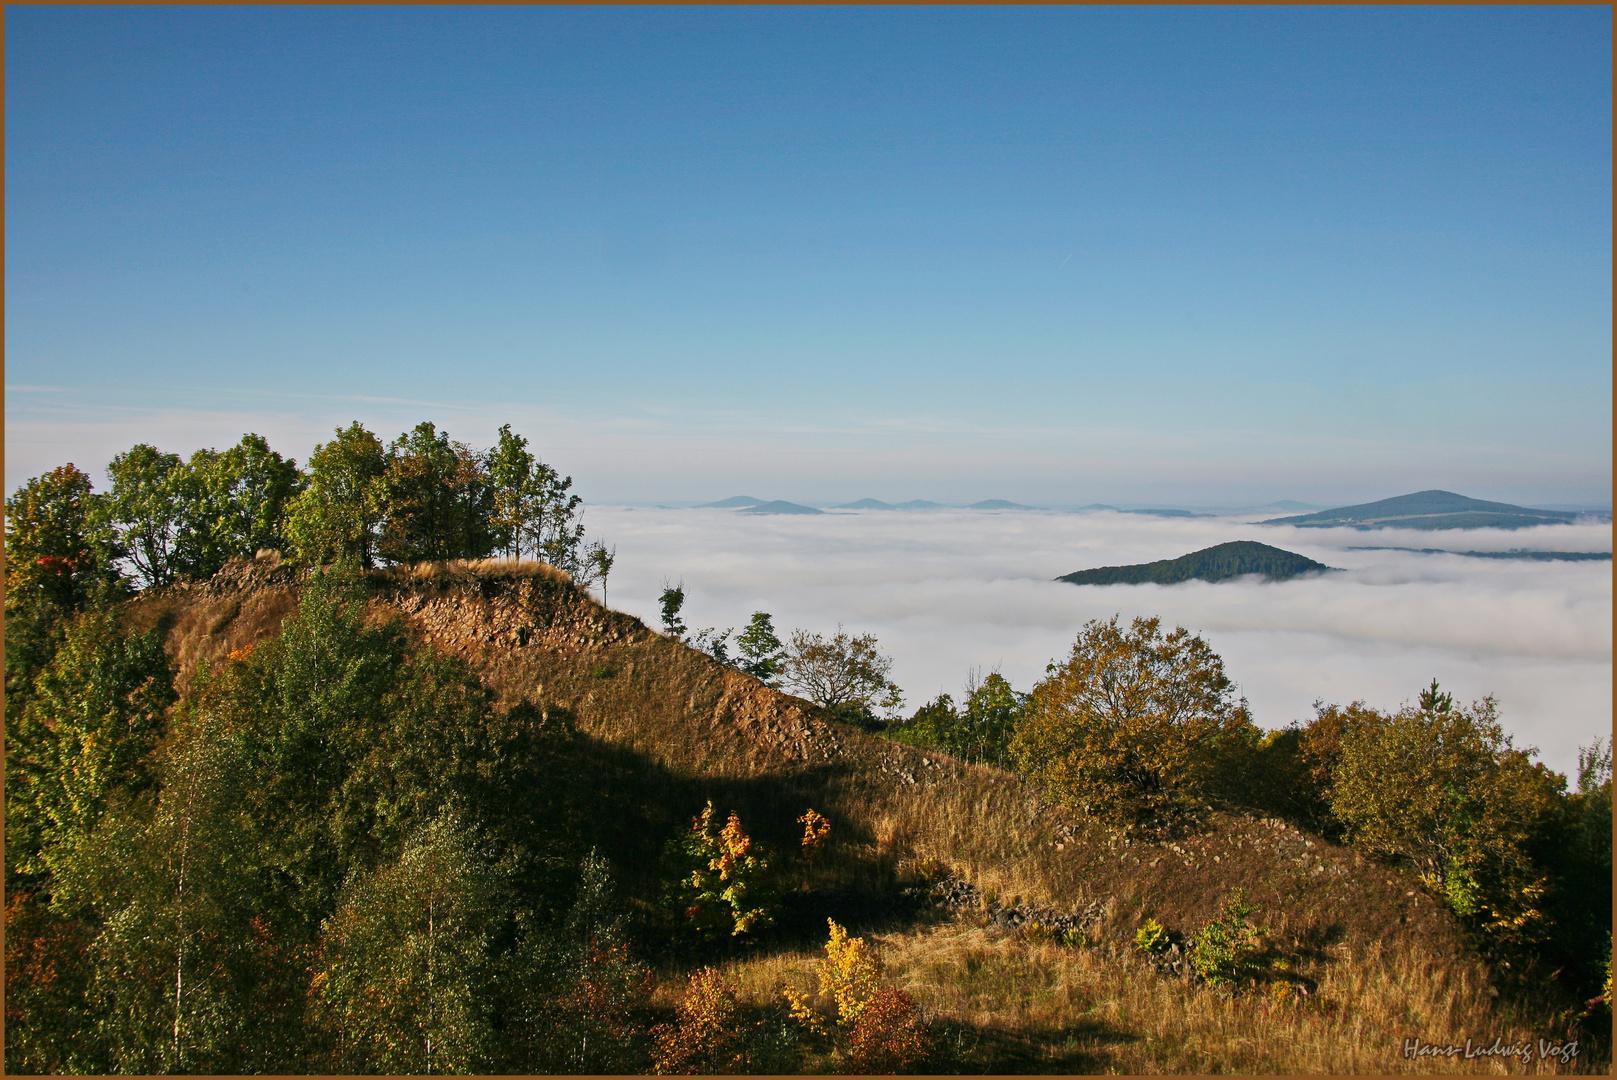 Herbstmorgen auf dem Öchsenberg